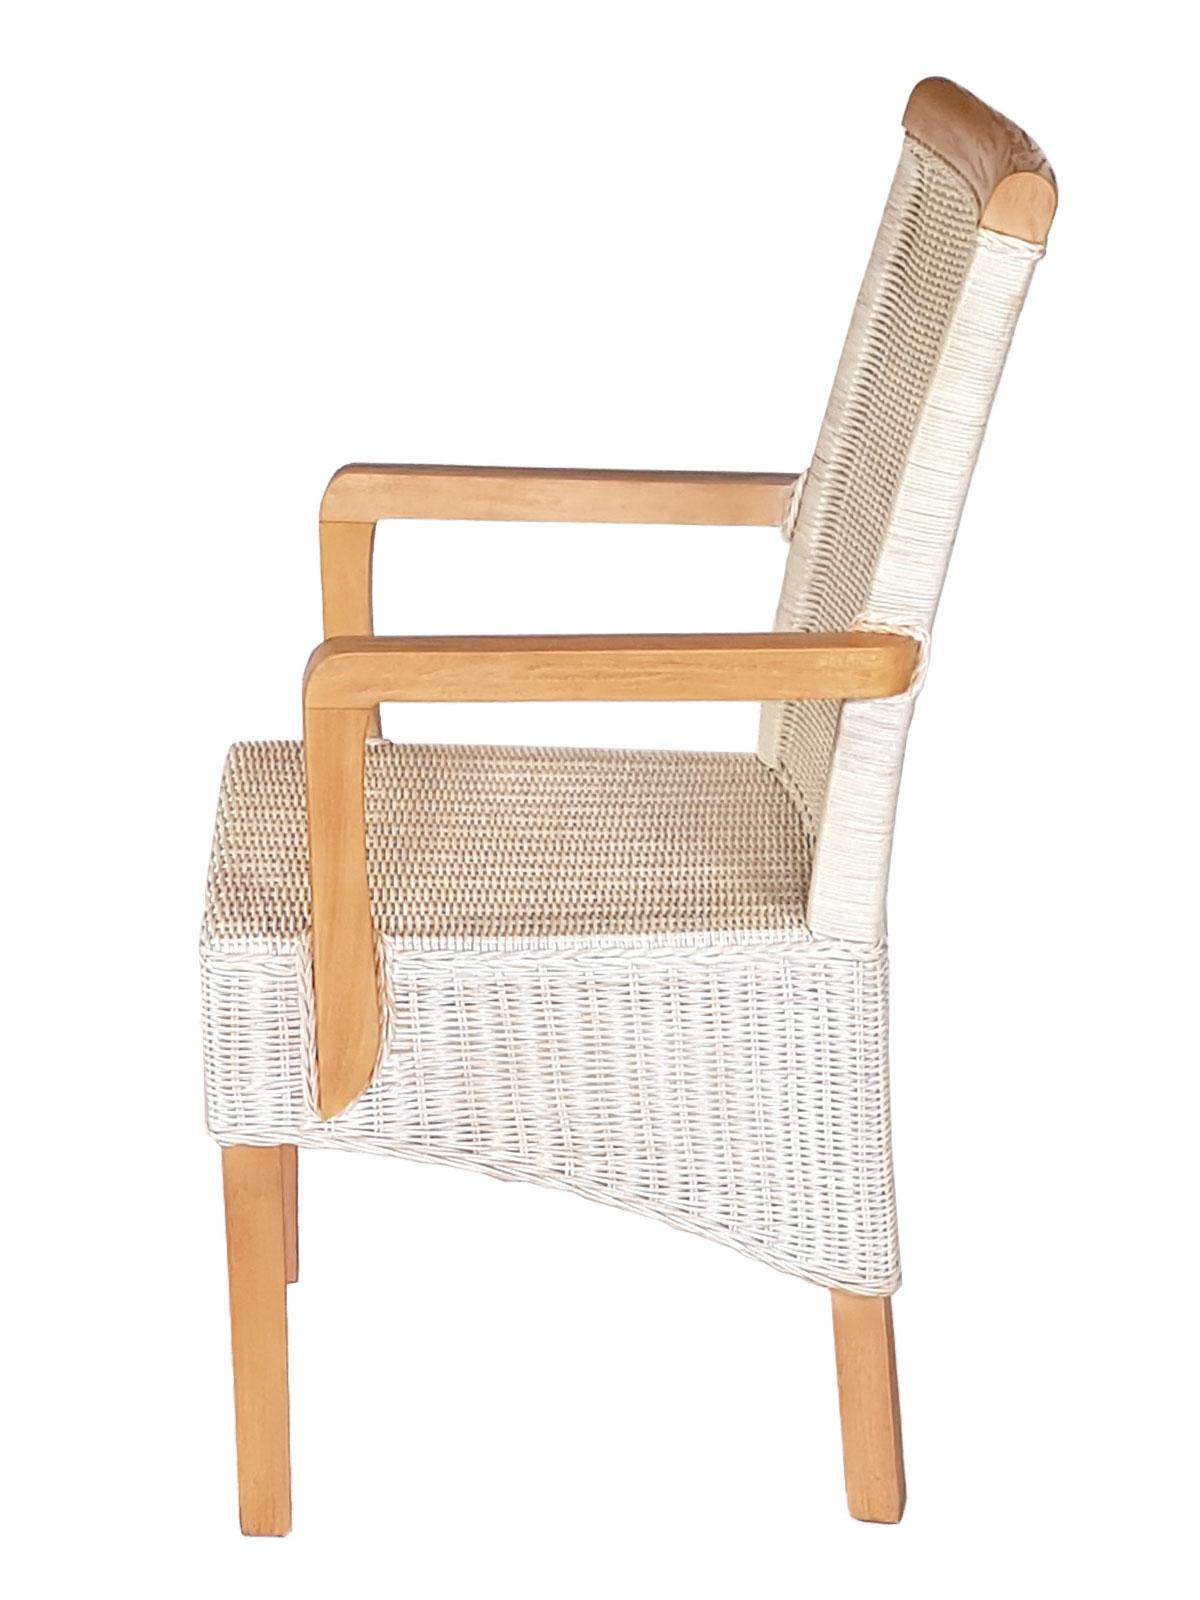 Rattanstuhl Weiß Armlehnen Perth Mitohne Esszimmer Leinen Mit Stuhl Sitzkissen OkXTPiZu